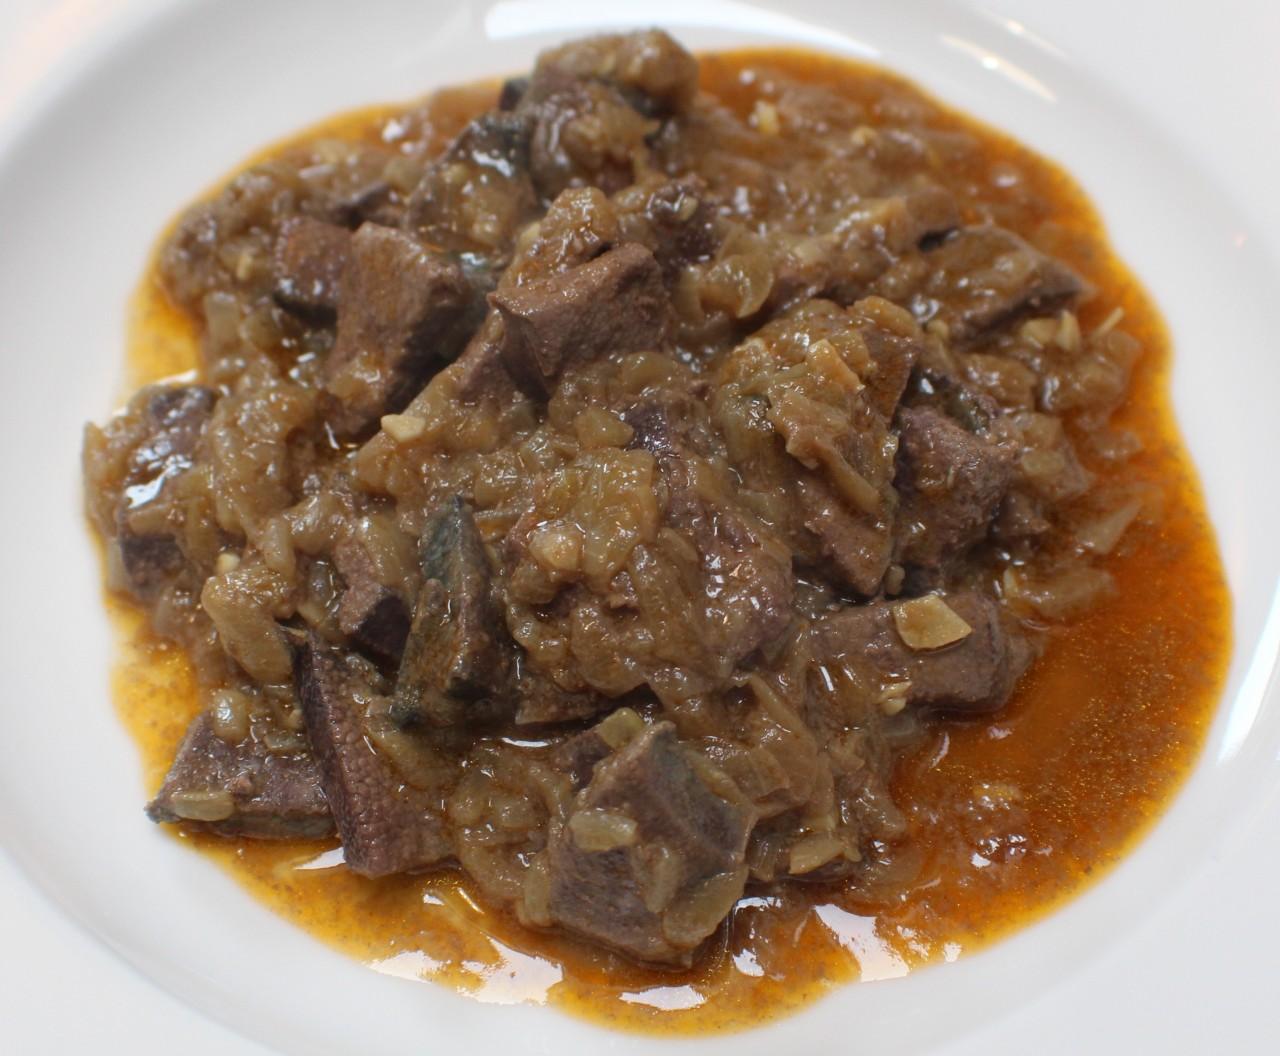 Hígado de Cerdo Encebollado – Pork Liver andOnions